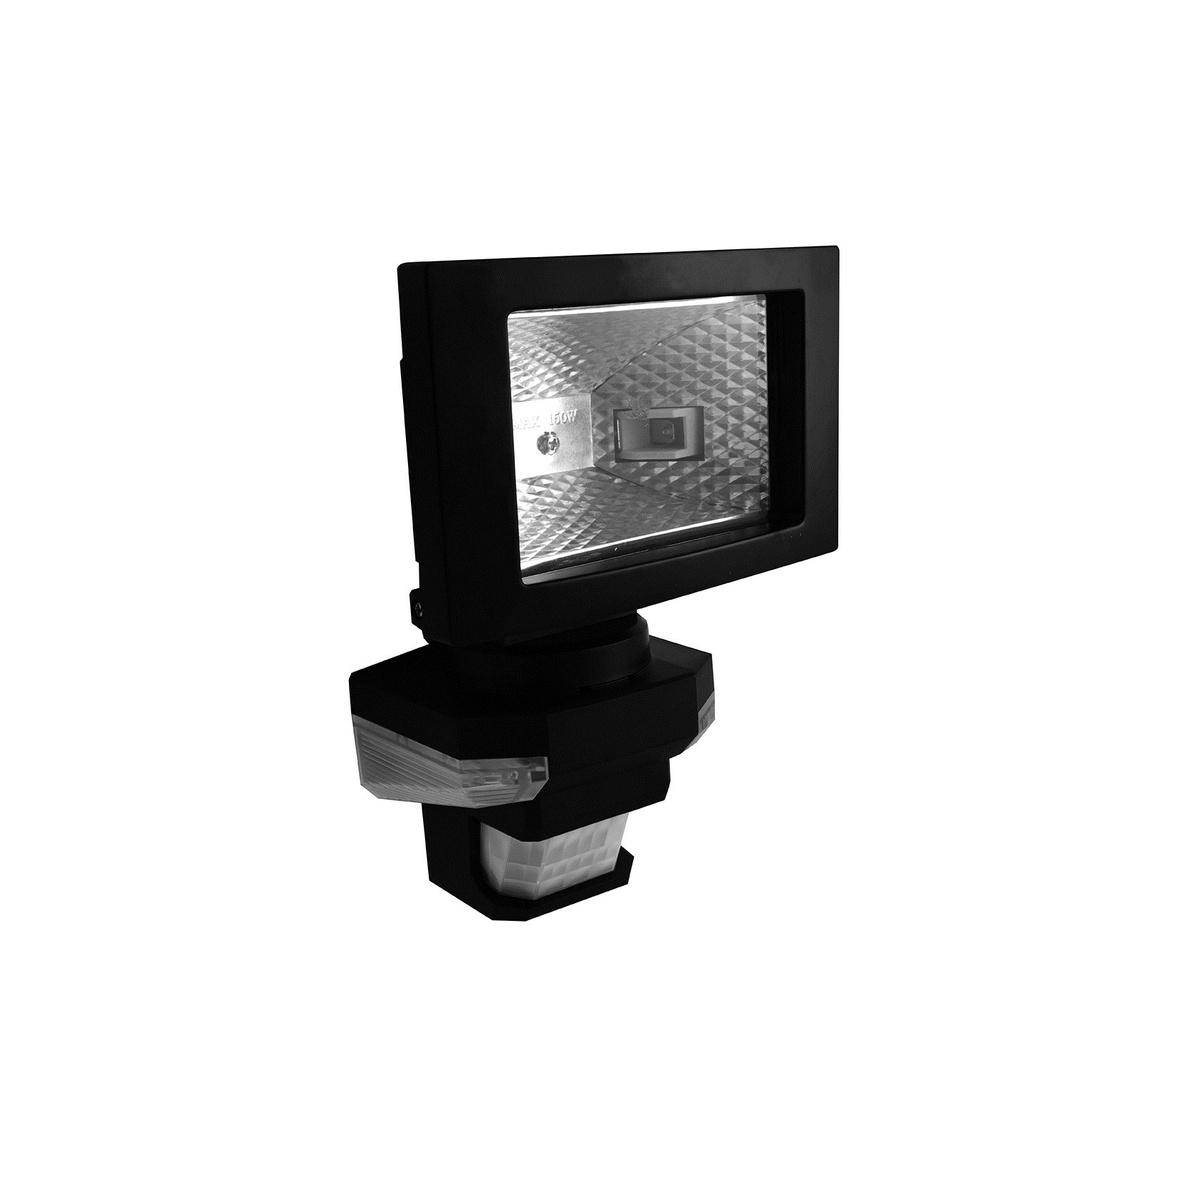 VANA S vonkajši reflektorové svetlo so senzoromLED prisvietením, čierna teplá biela